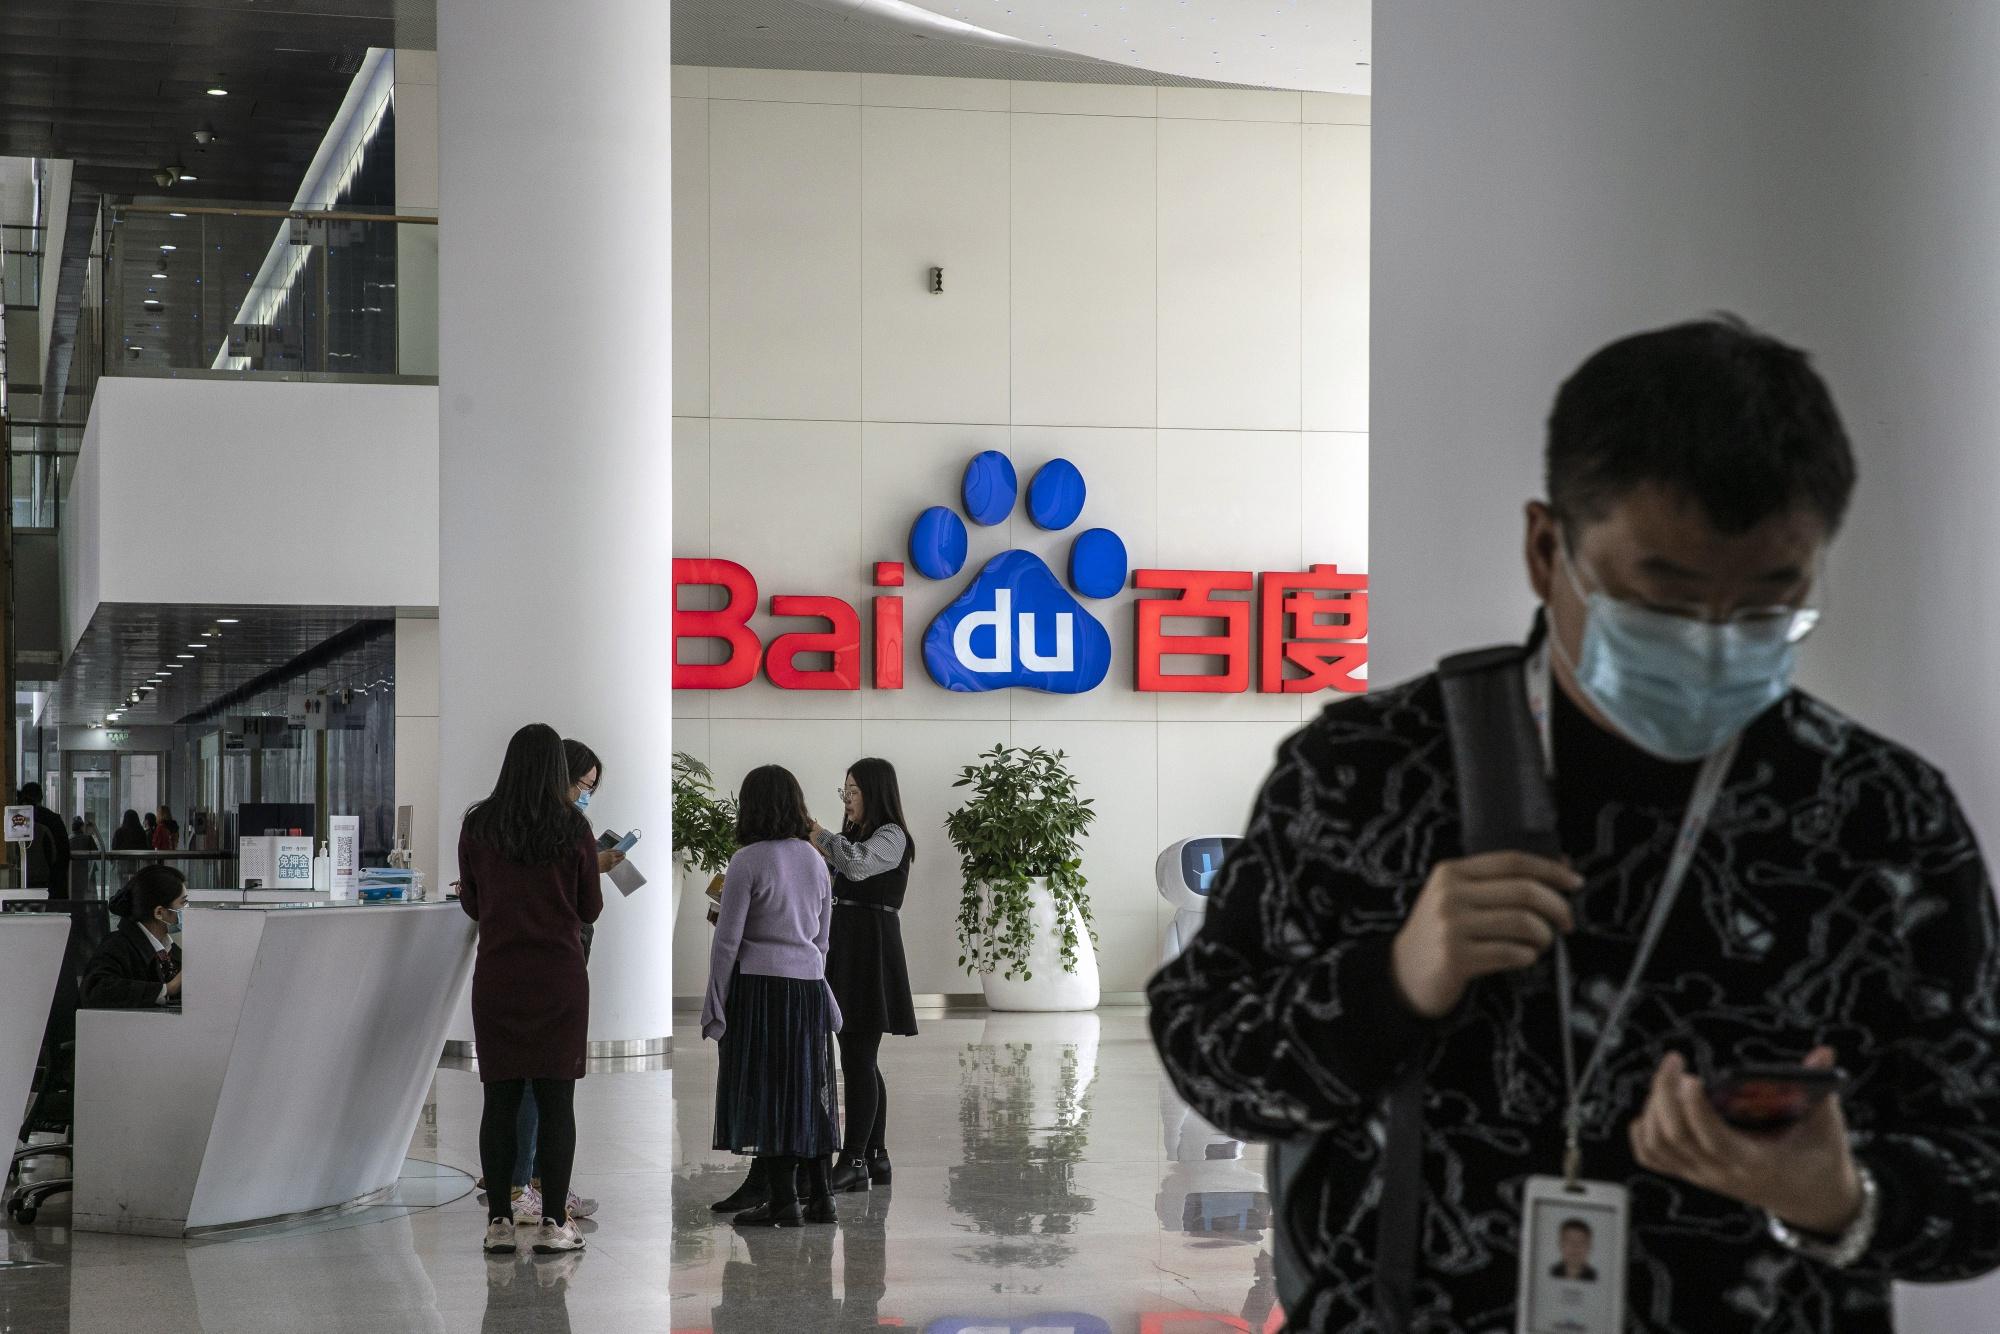 Baidu headquarters in Beijing.